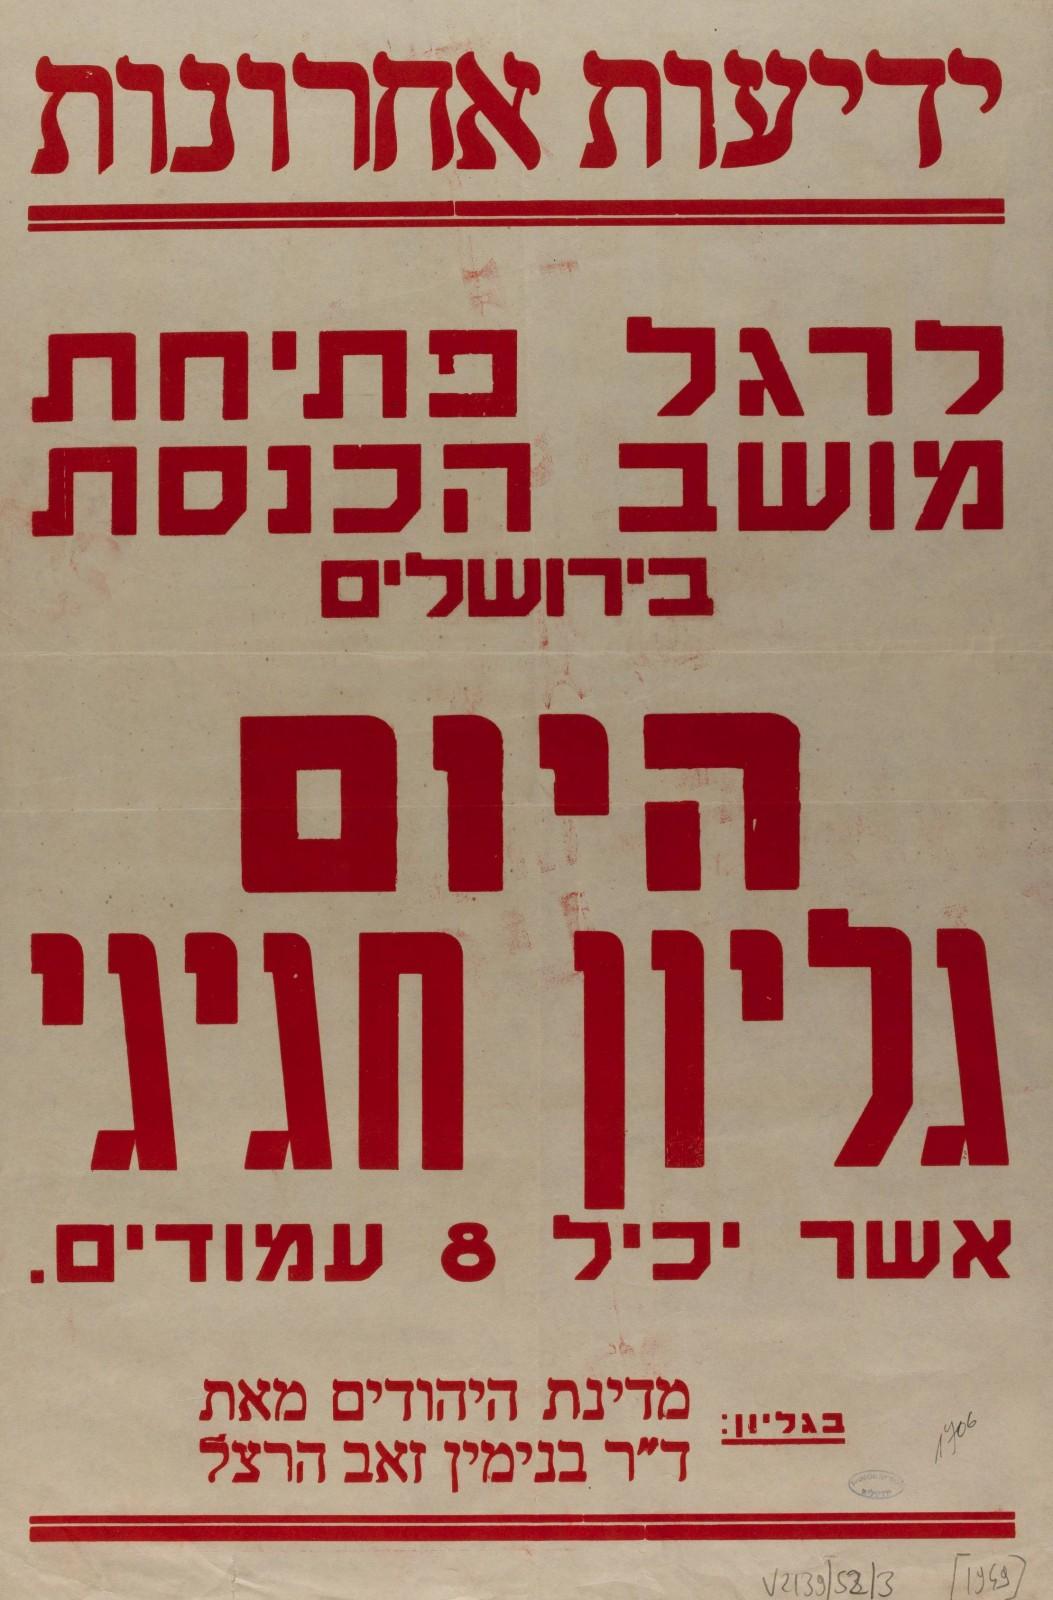 """כרזת """"ידיעות אחרונות"""" לרגל פתיחת מושב הכנסת הראשונה, 1949"""